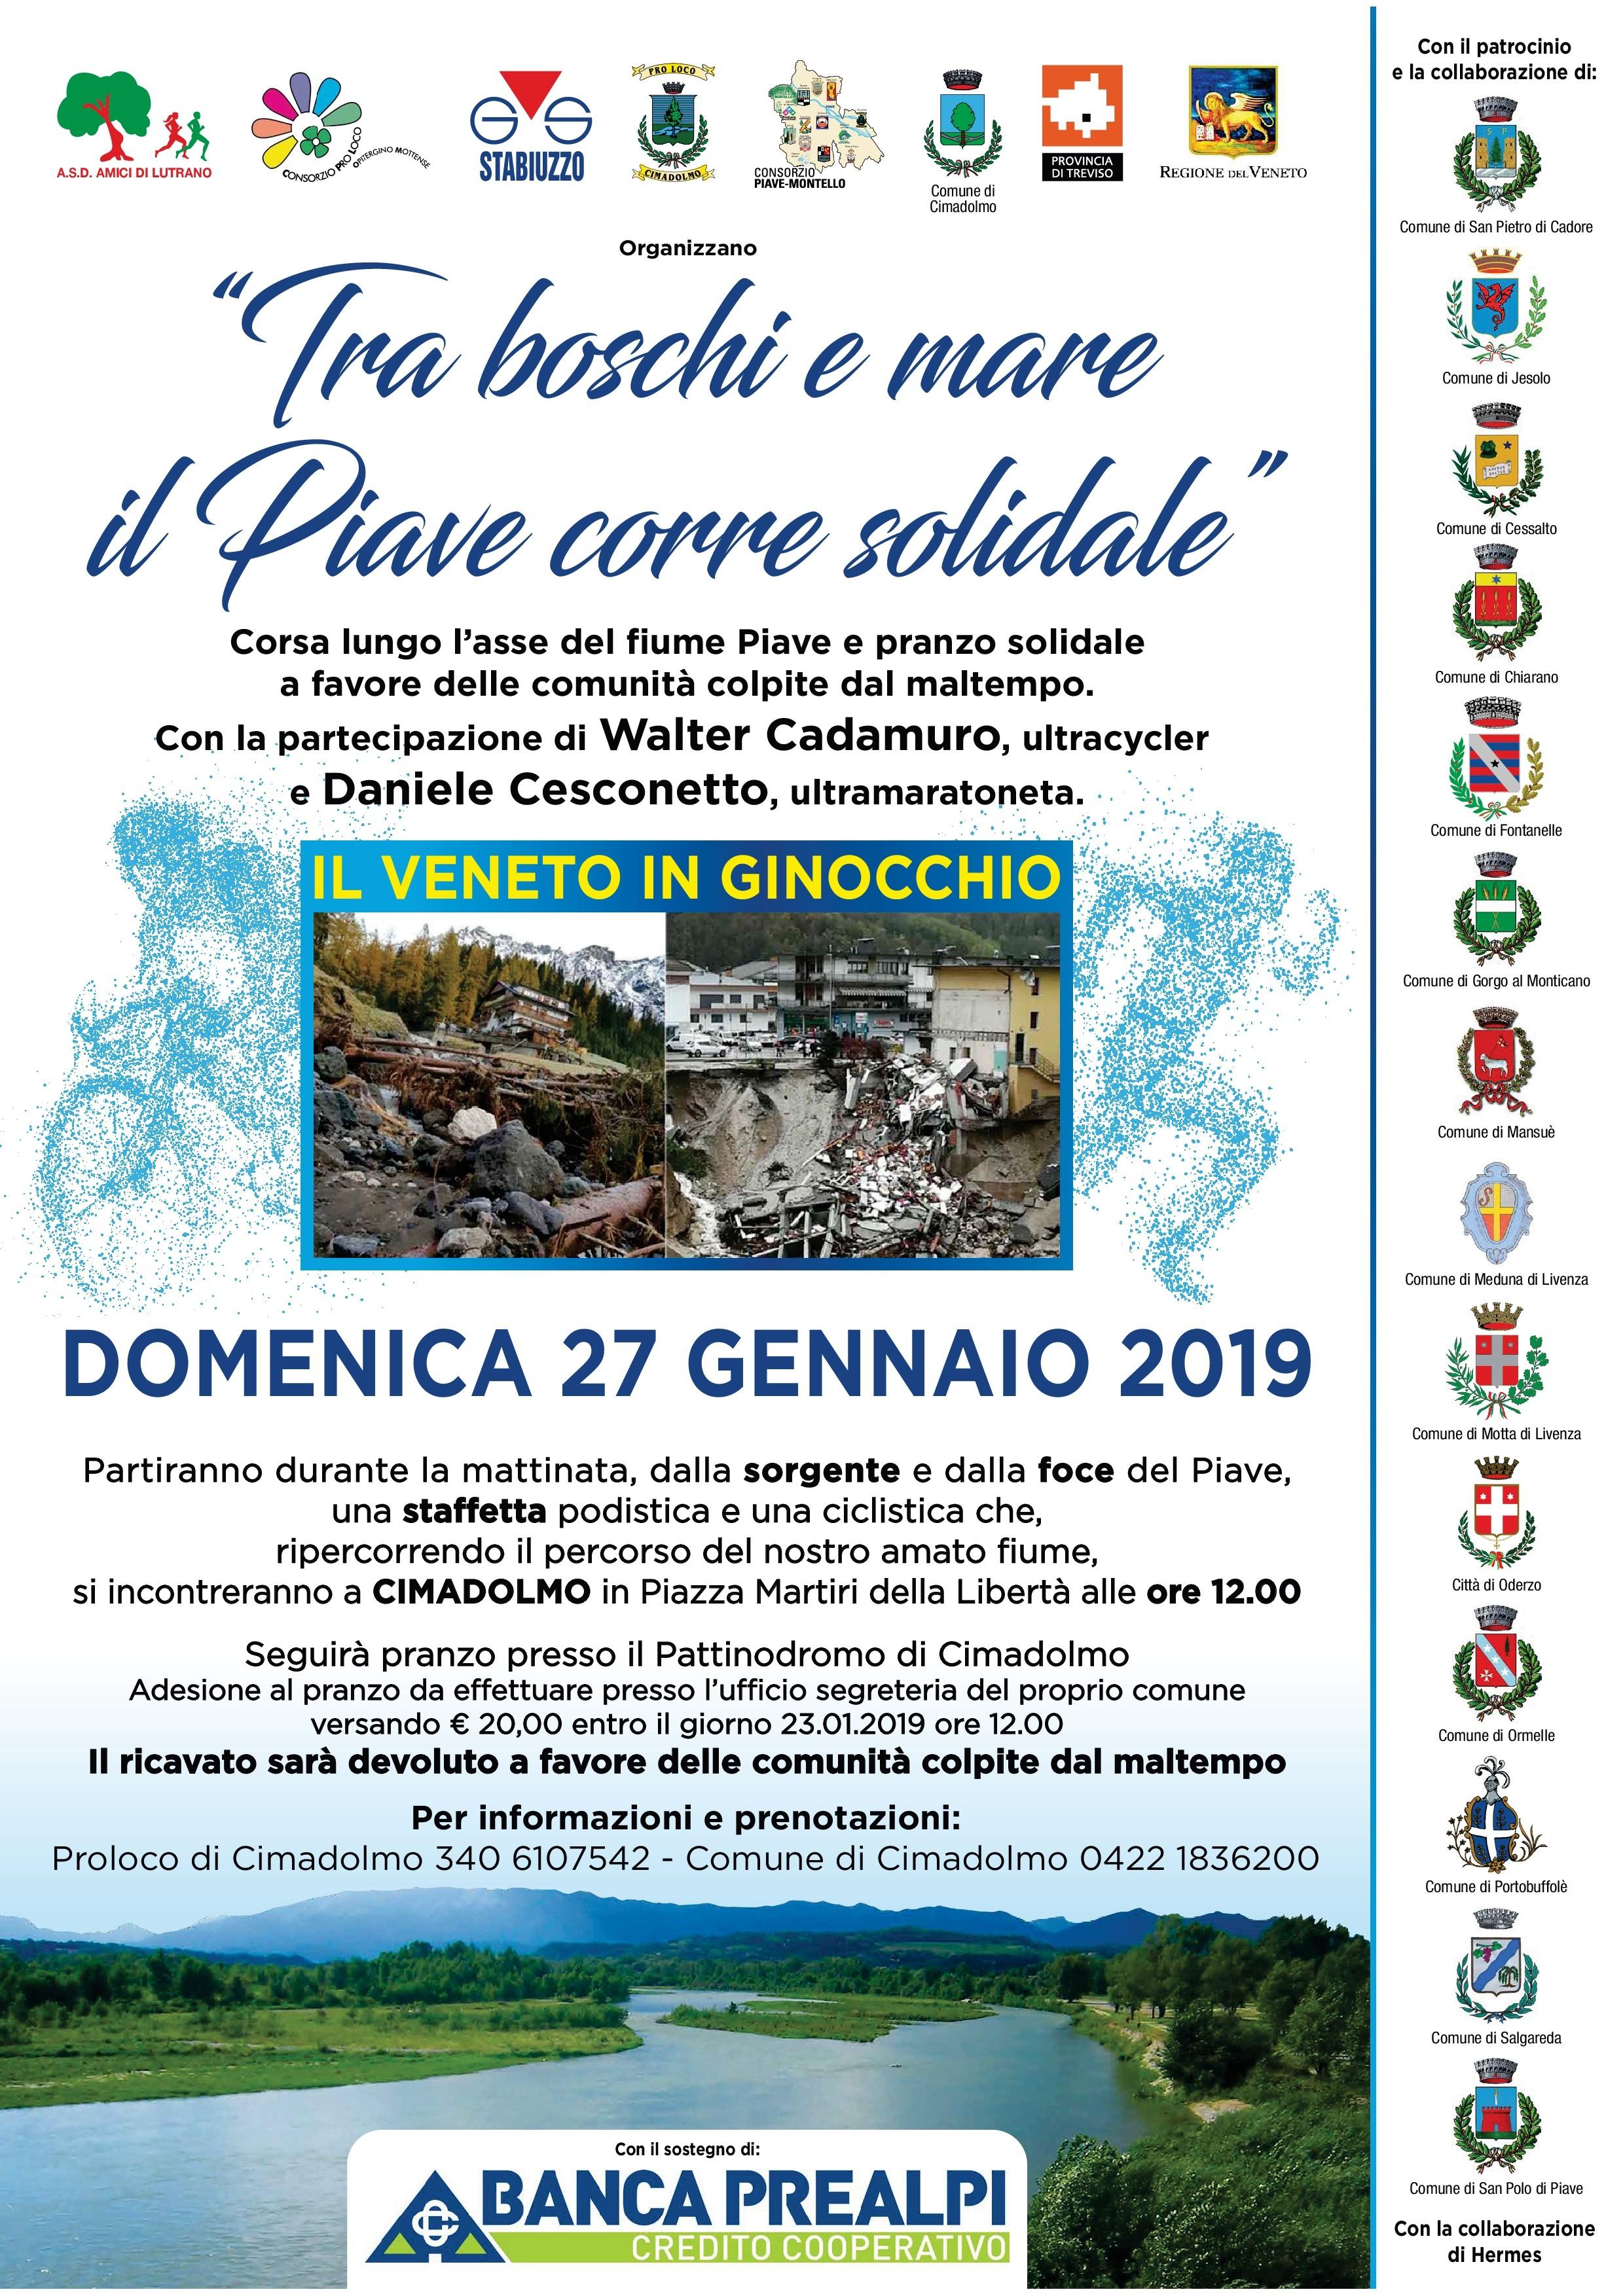 """Calendario Maggio 2019 Da Stampare Actual """"items"""" [ """"date"""" """"2019 01 14t00 00 00 01 00"""" """"title"""" """"tra Boschi E"""